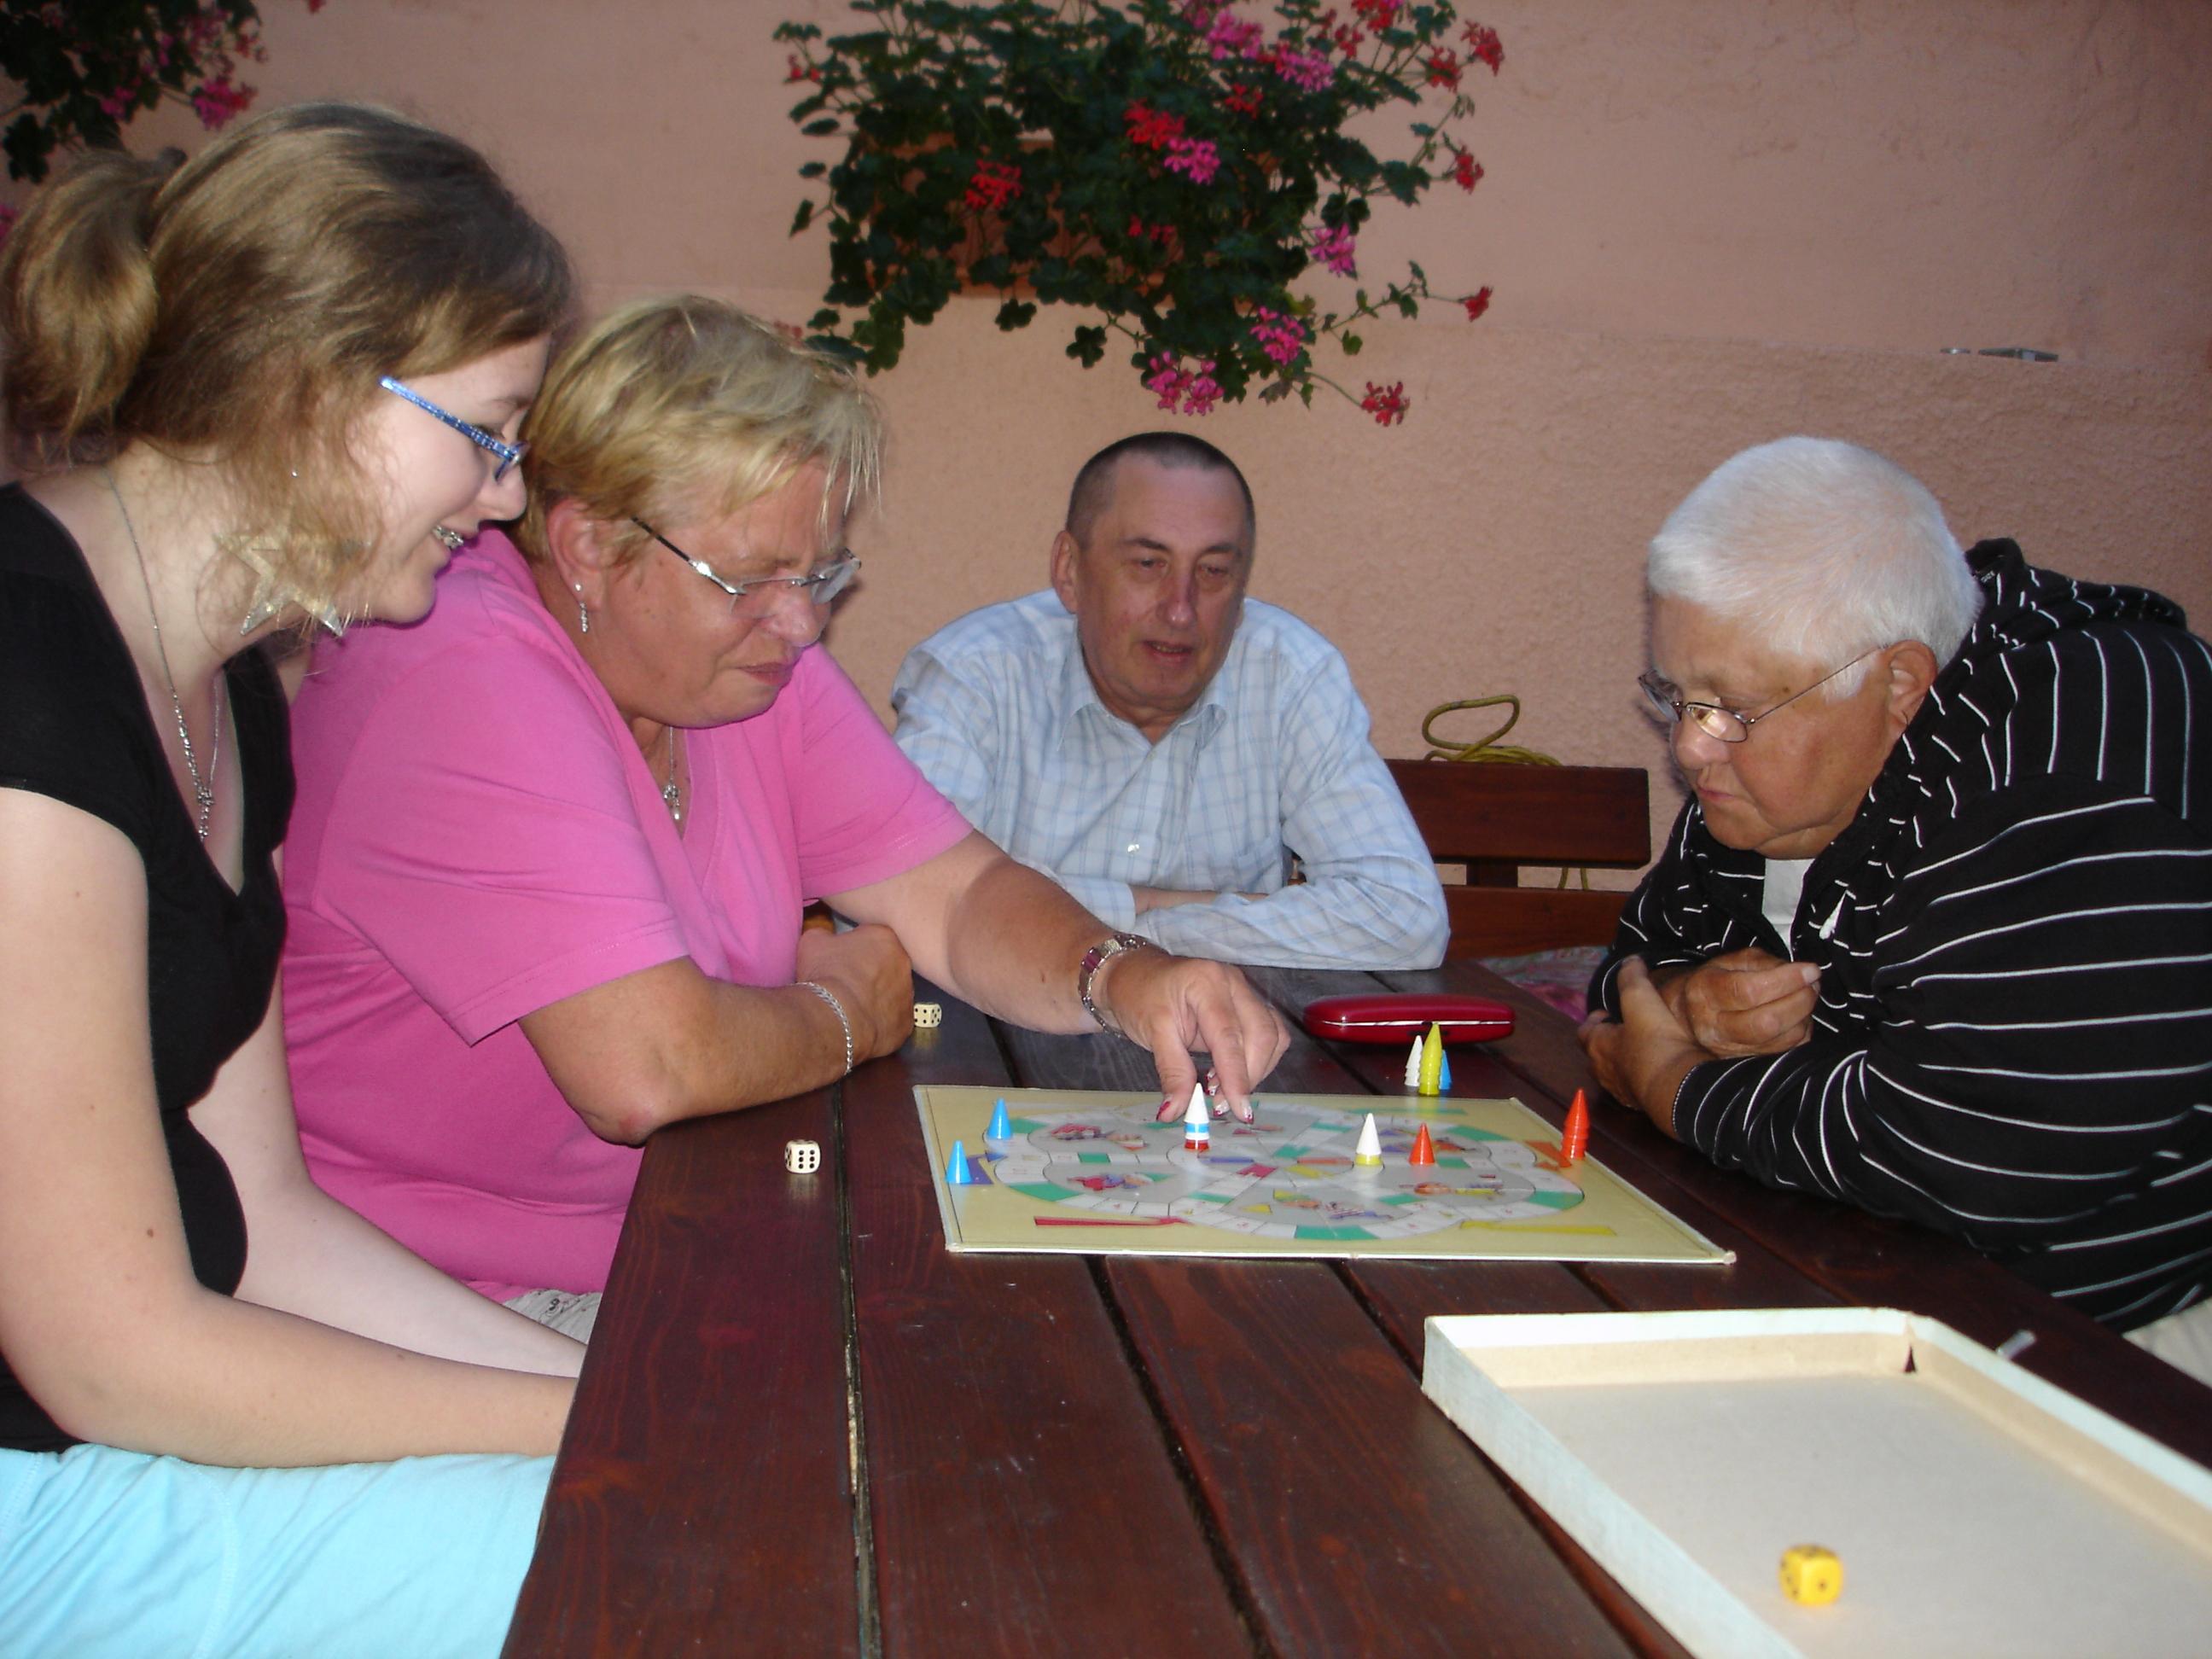 Spieleabend im Ferienhaus Teubner